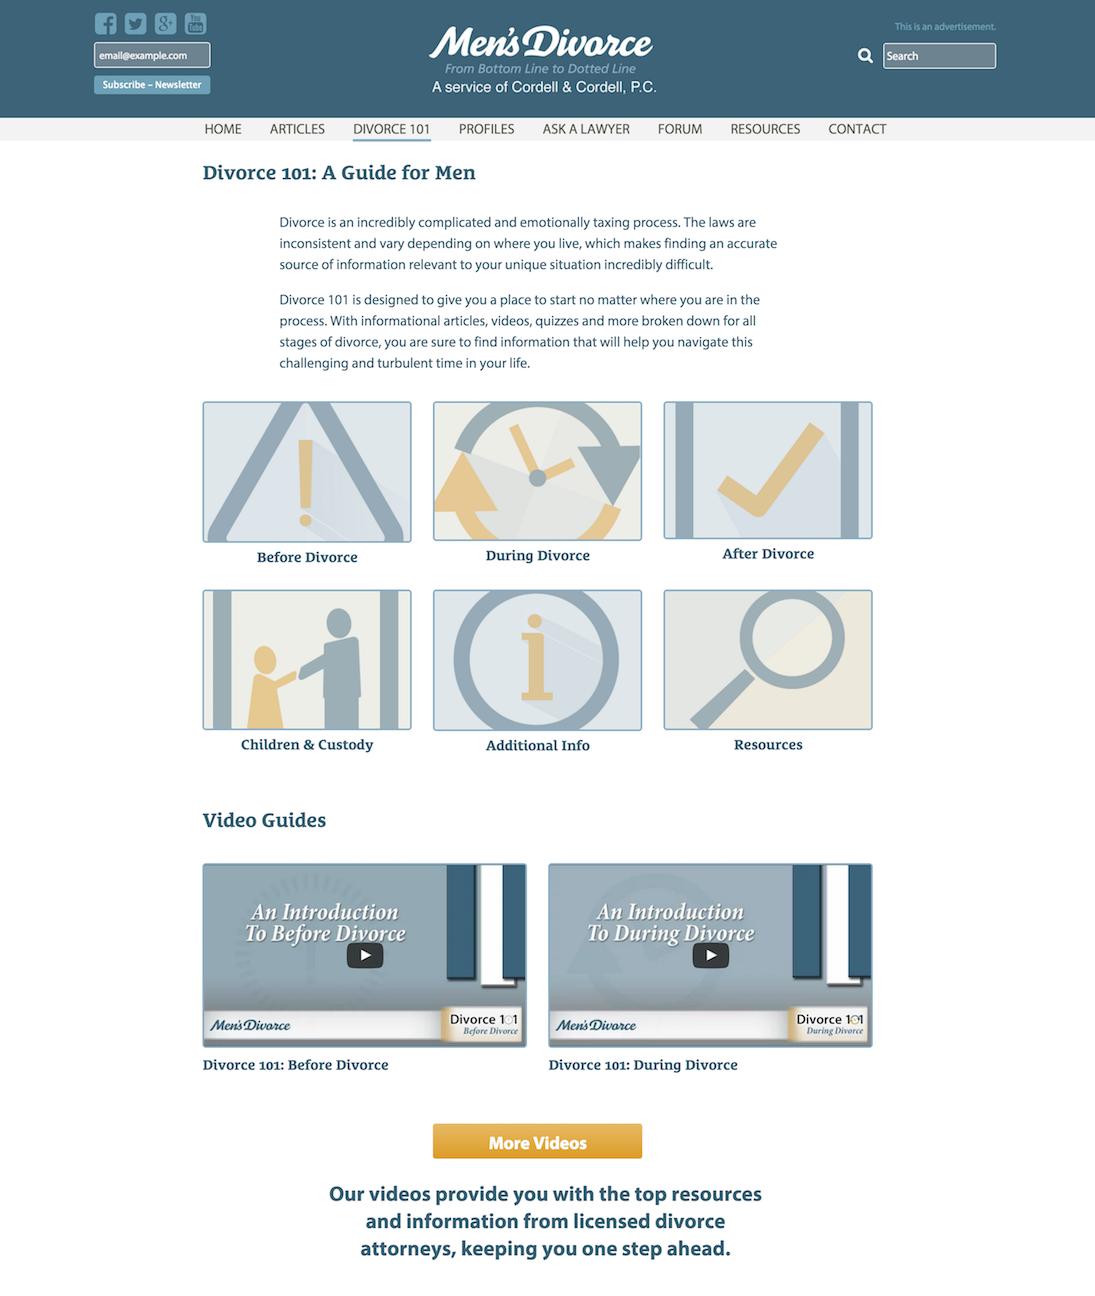 mensdivorce.com